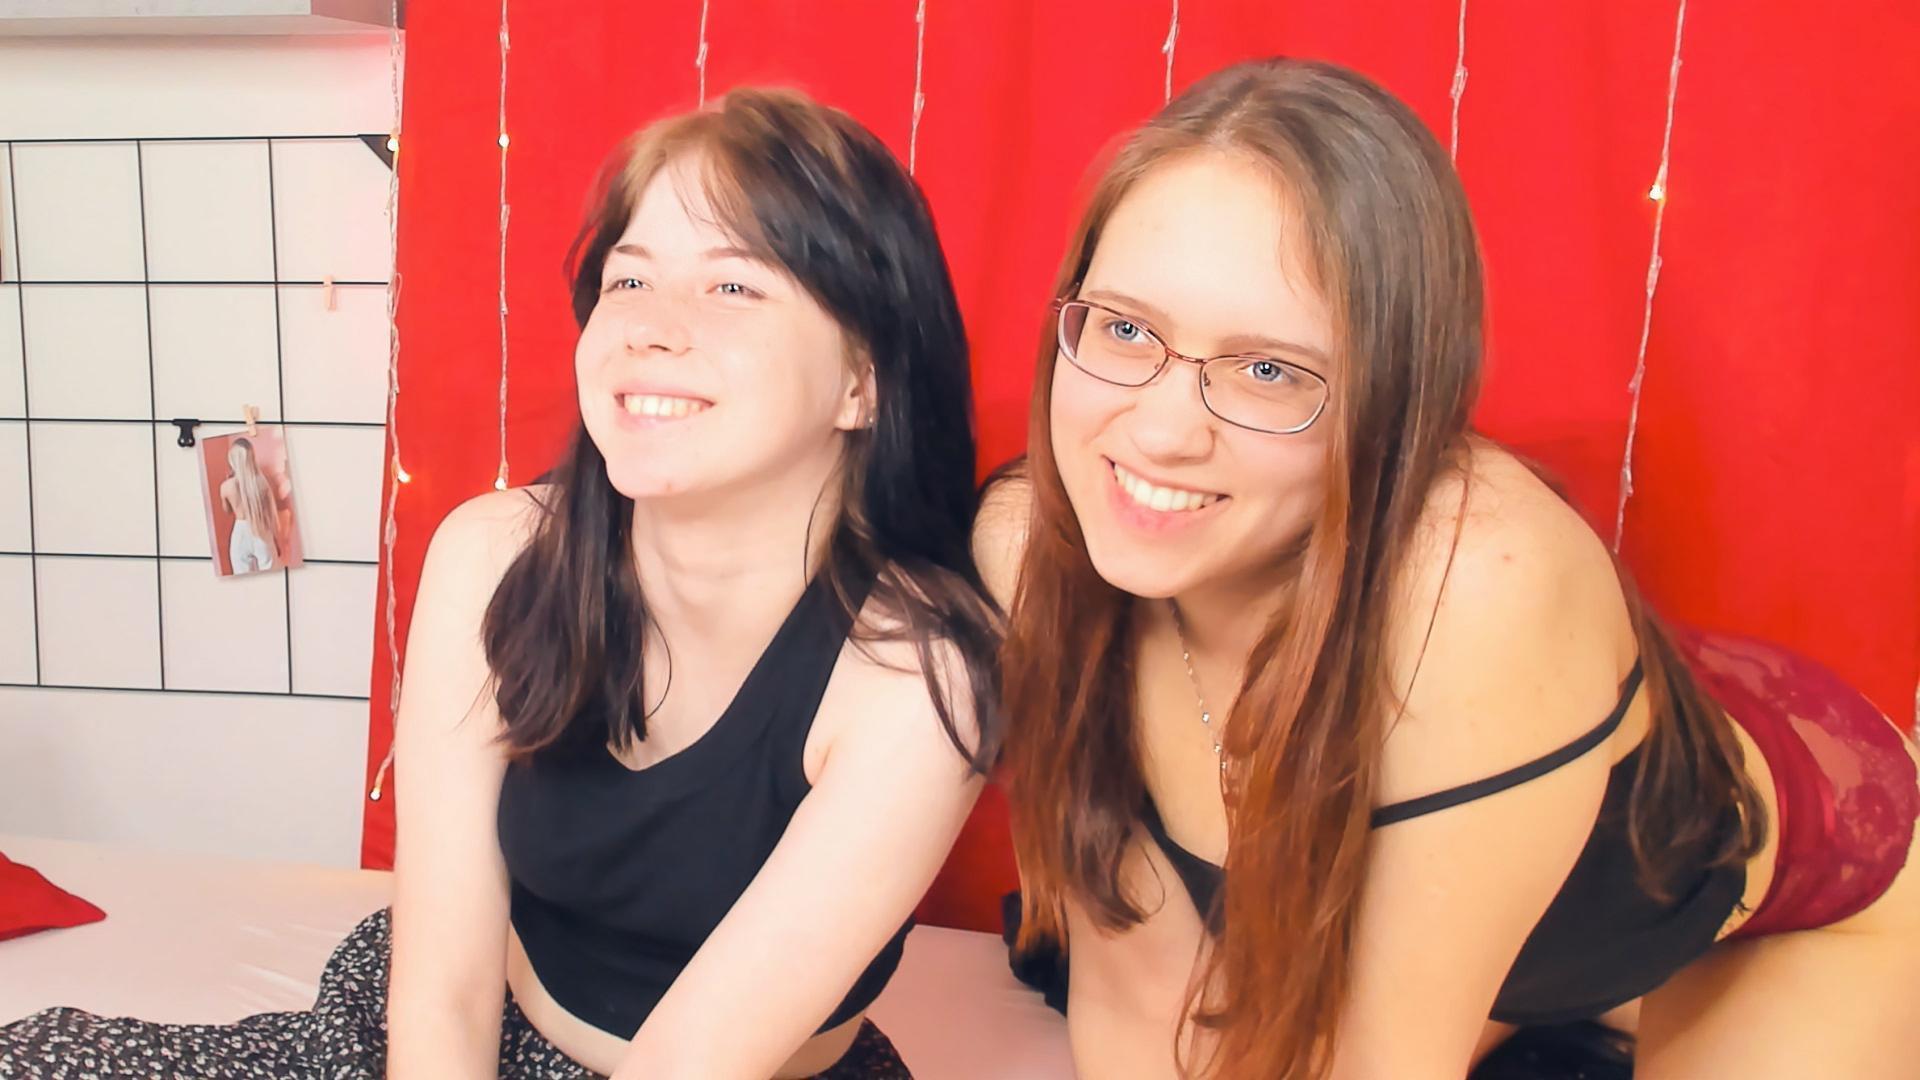 SkySweetnesses live cam on Cam4.com